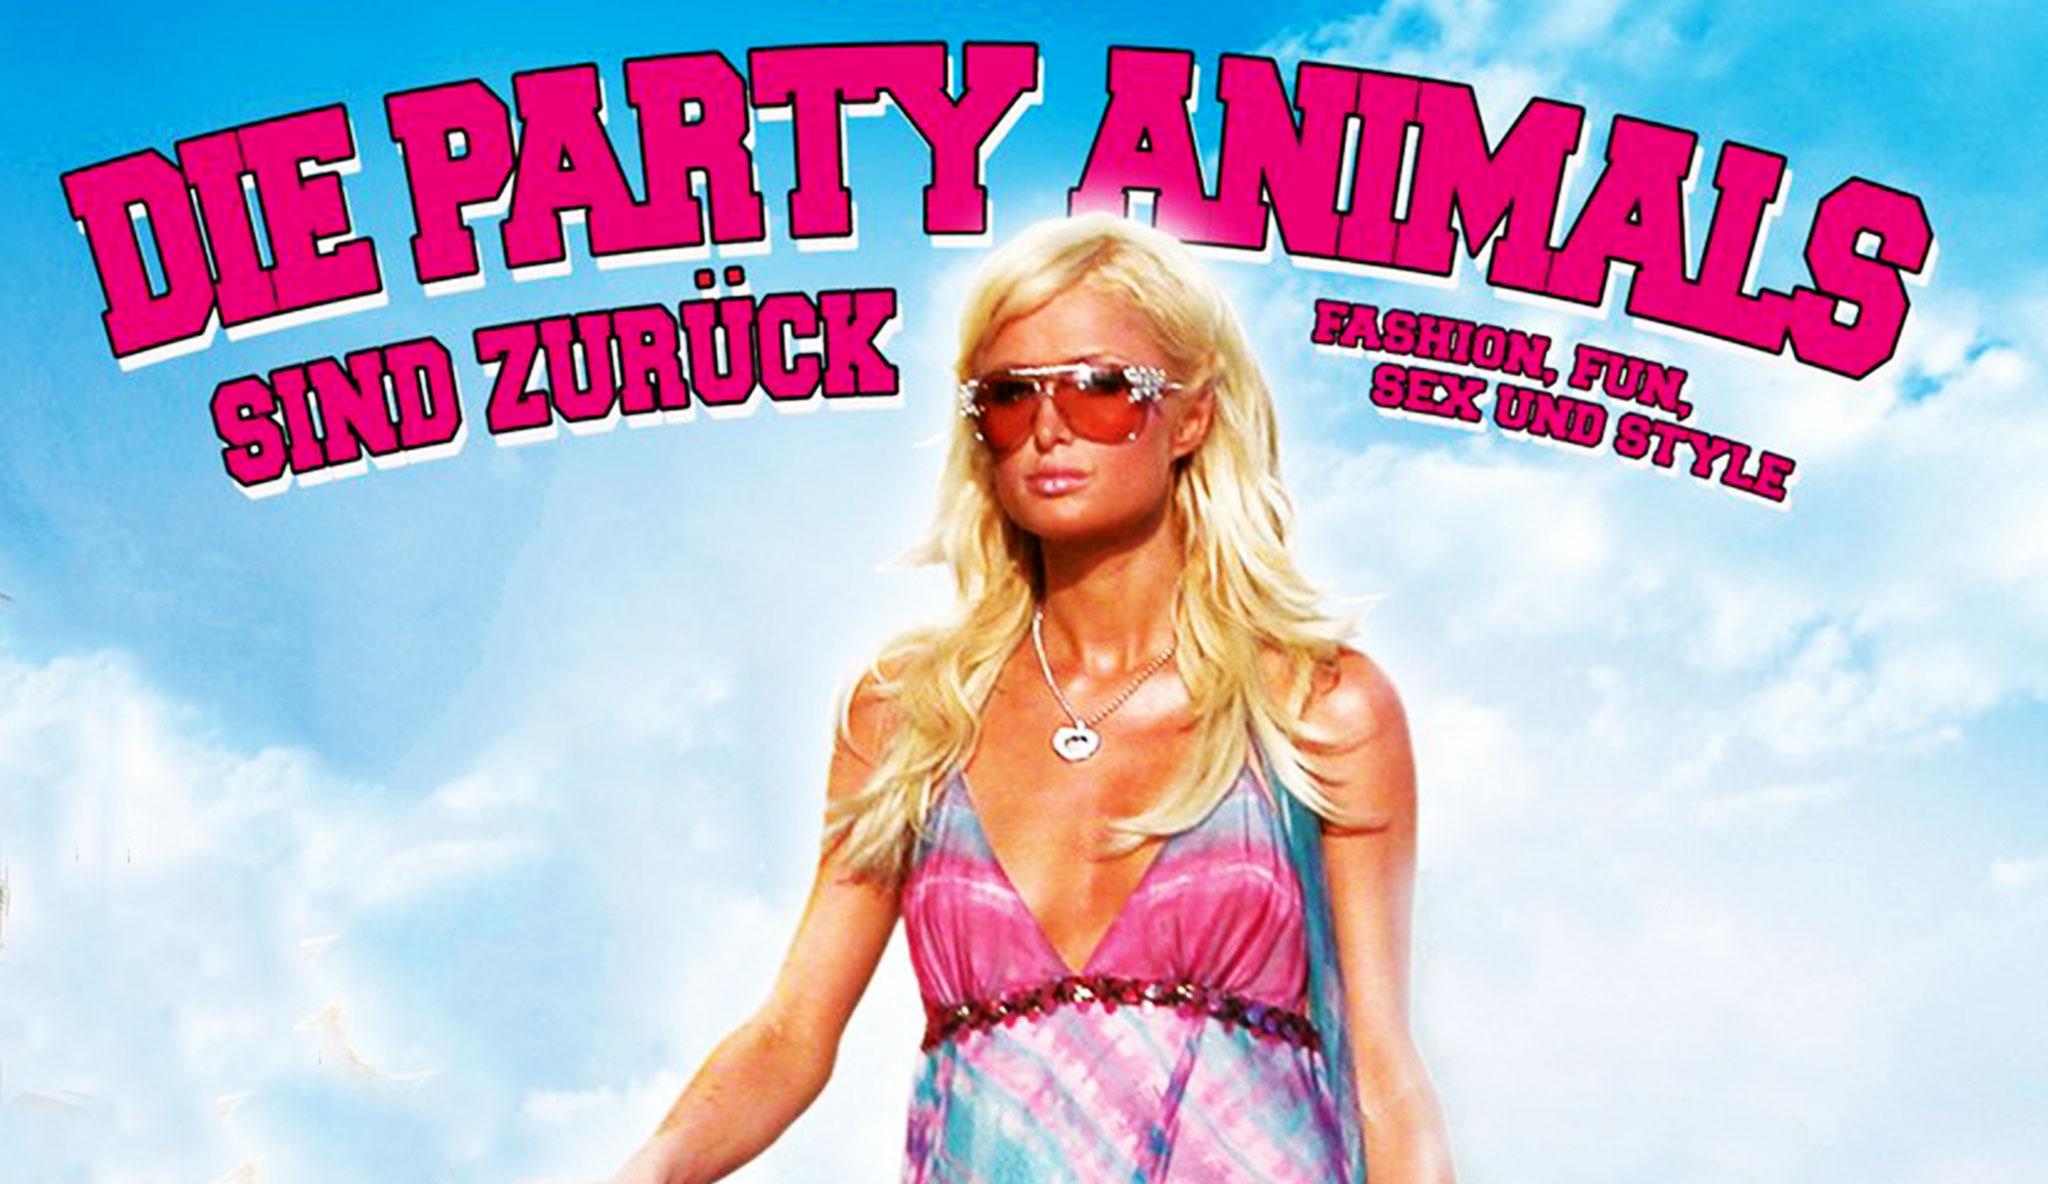 die-party-animals-sind-zuruck\header.jpg